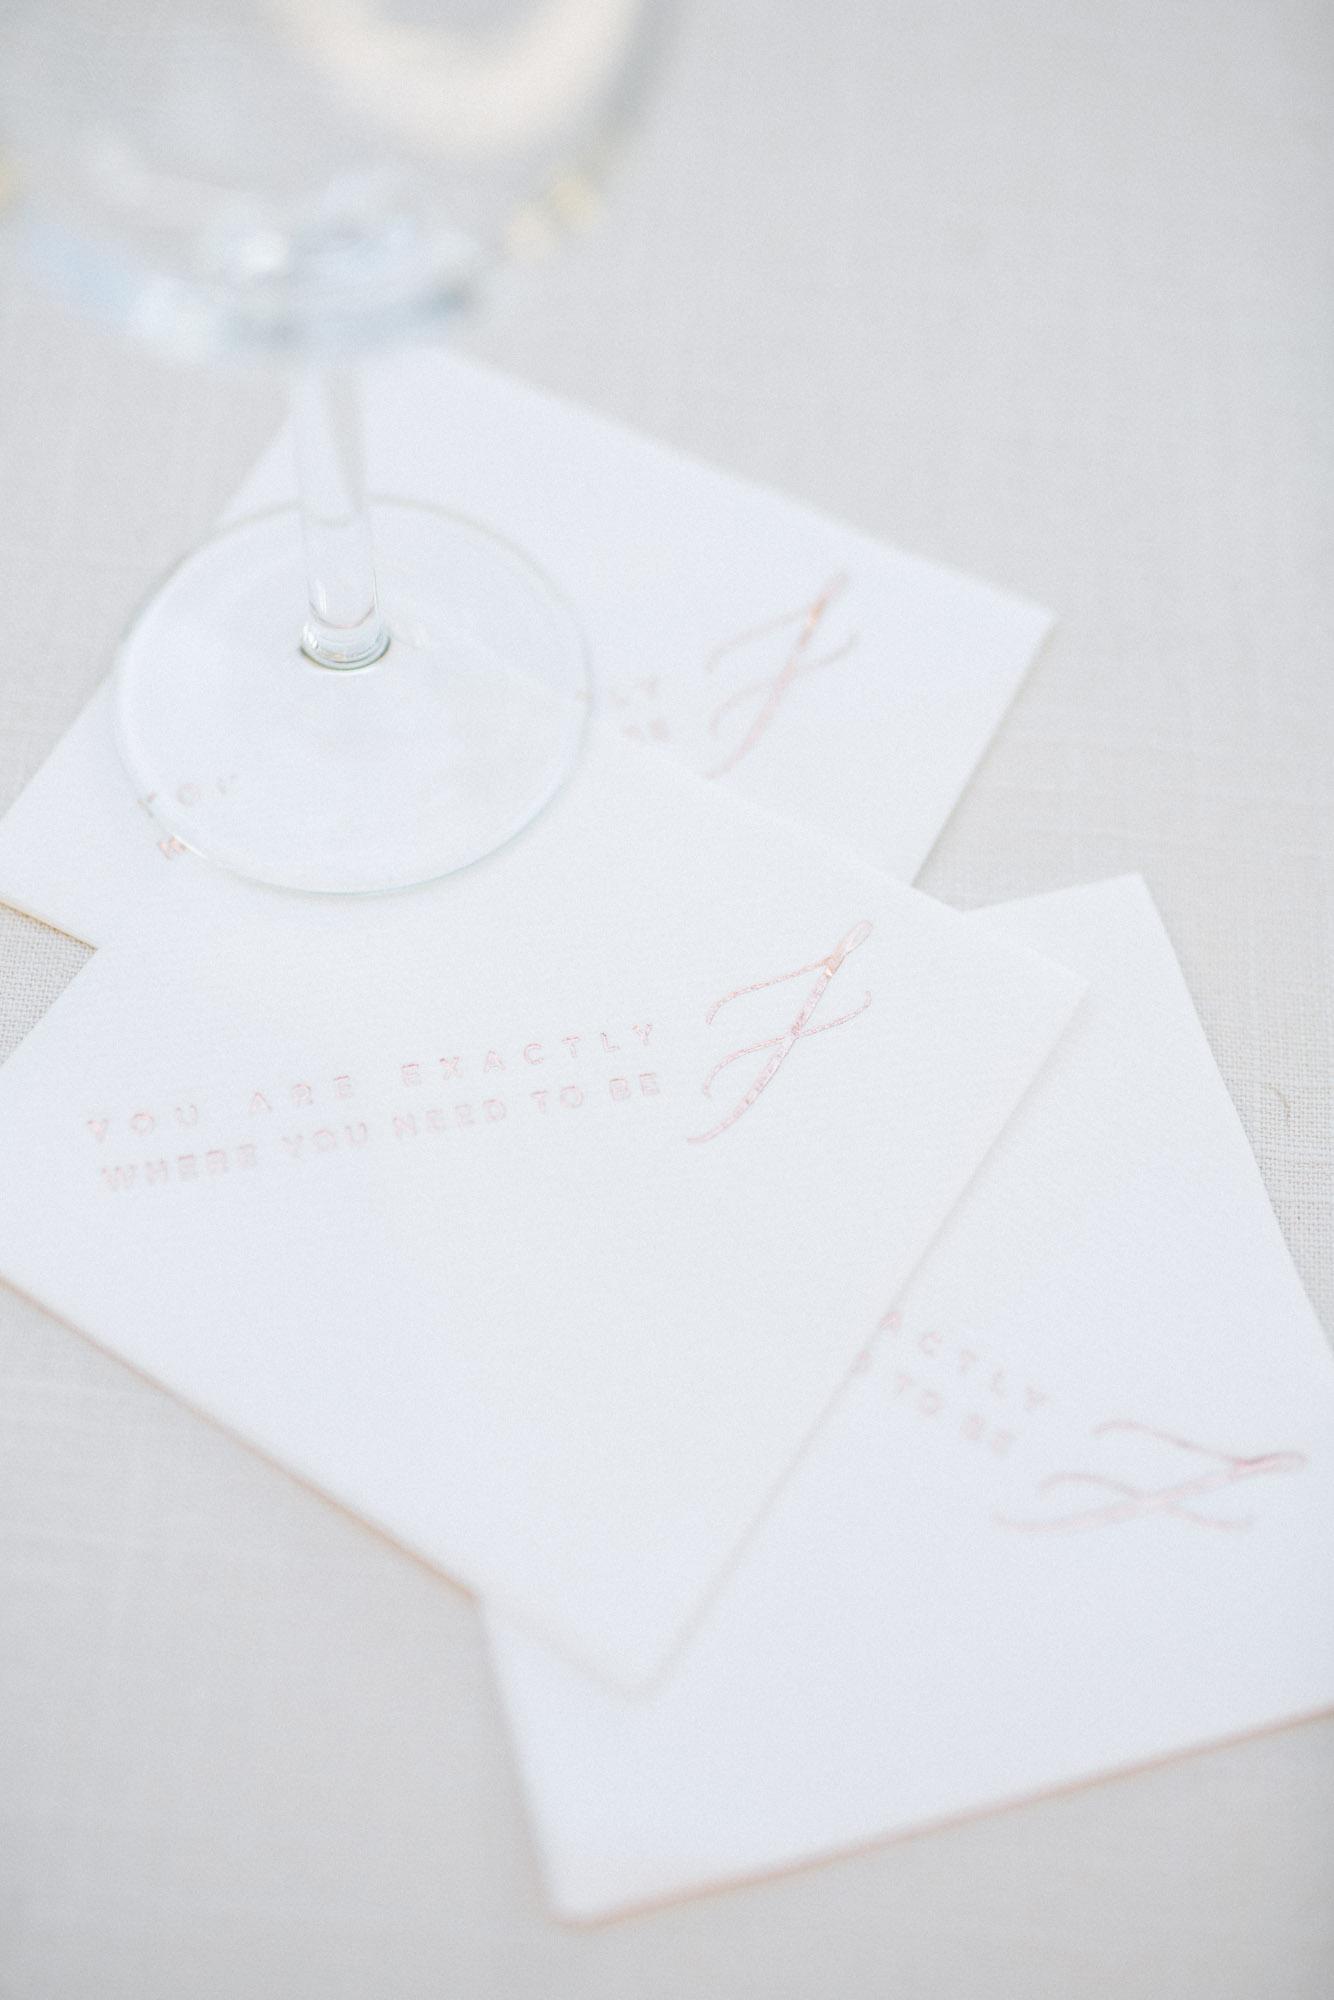 naples-botanical-garden-luxury-destination-wedding-anna-lucia-events-02740.jpg